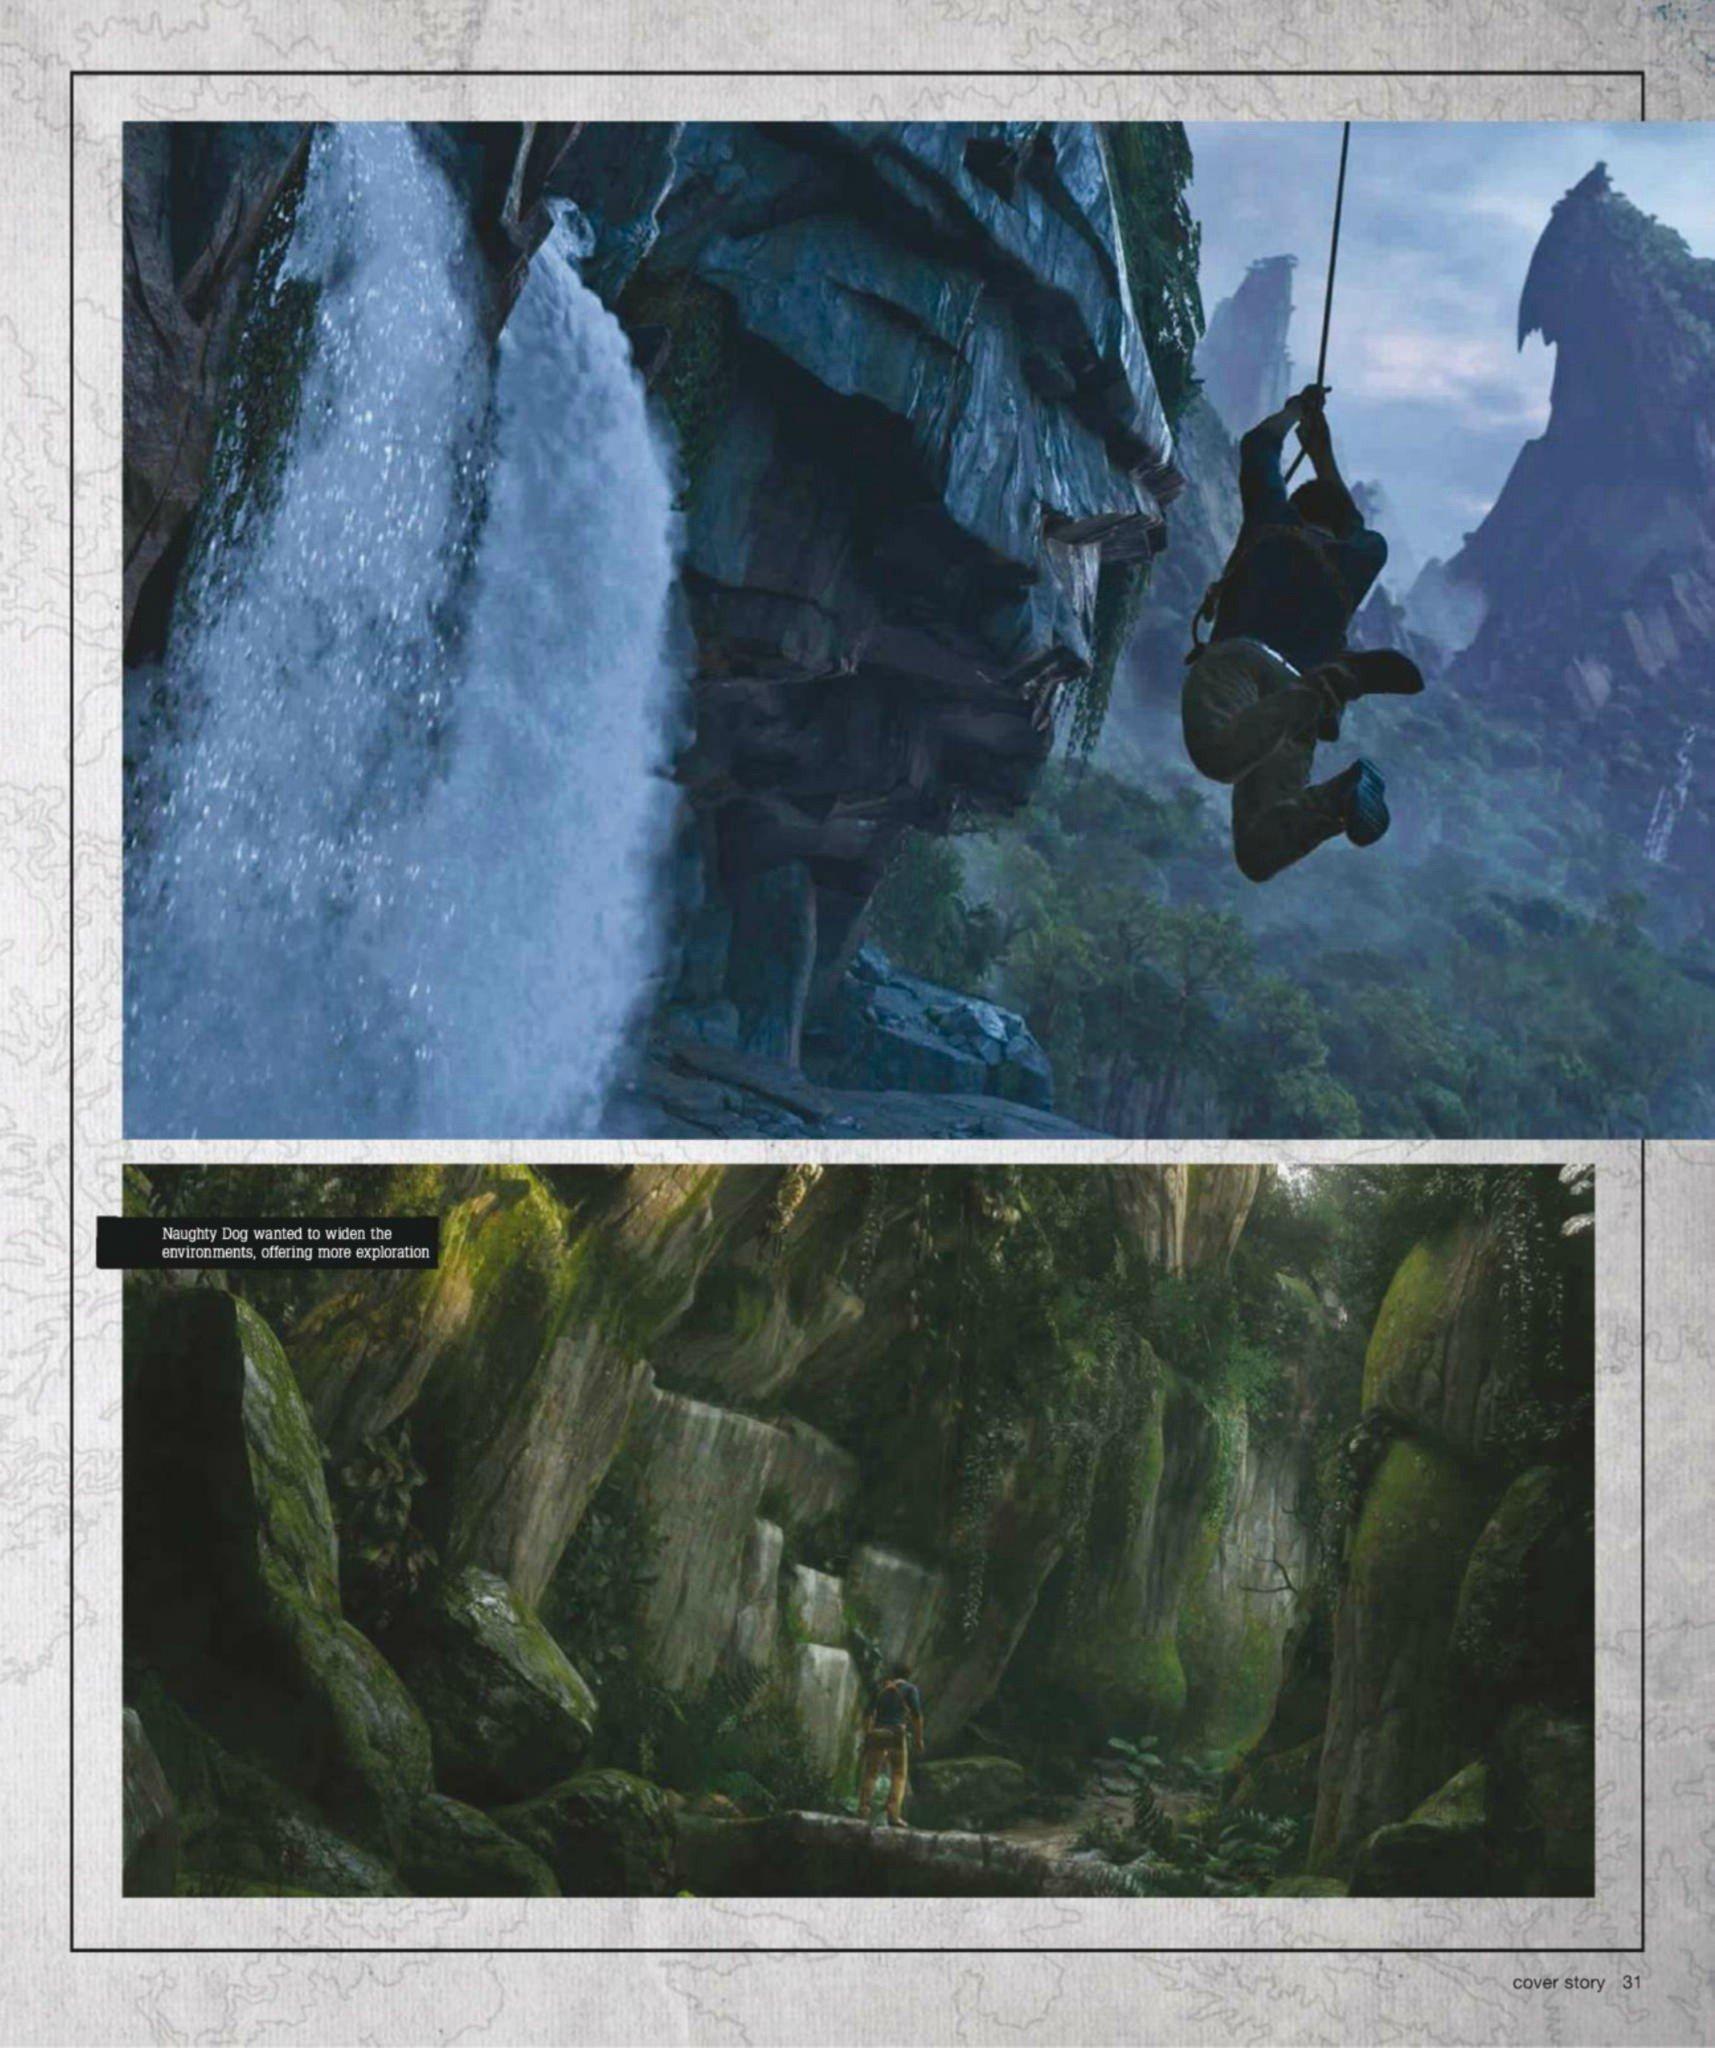 Сканы Uncharted 4: A Thief's End из свежего номера Game Informer  - Изображение 3